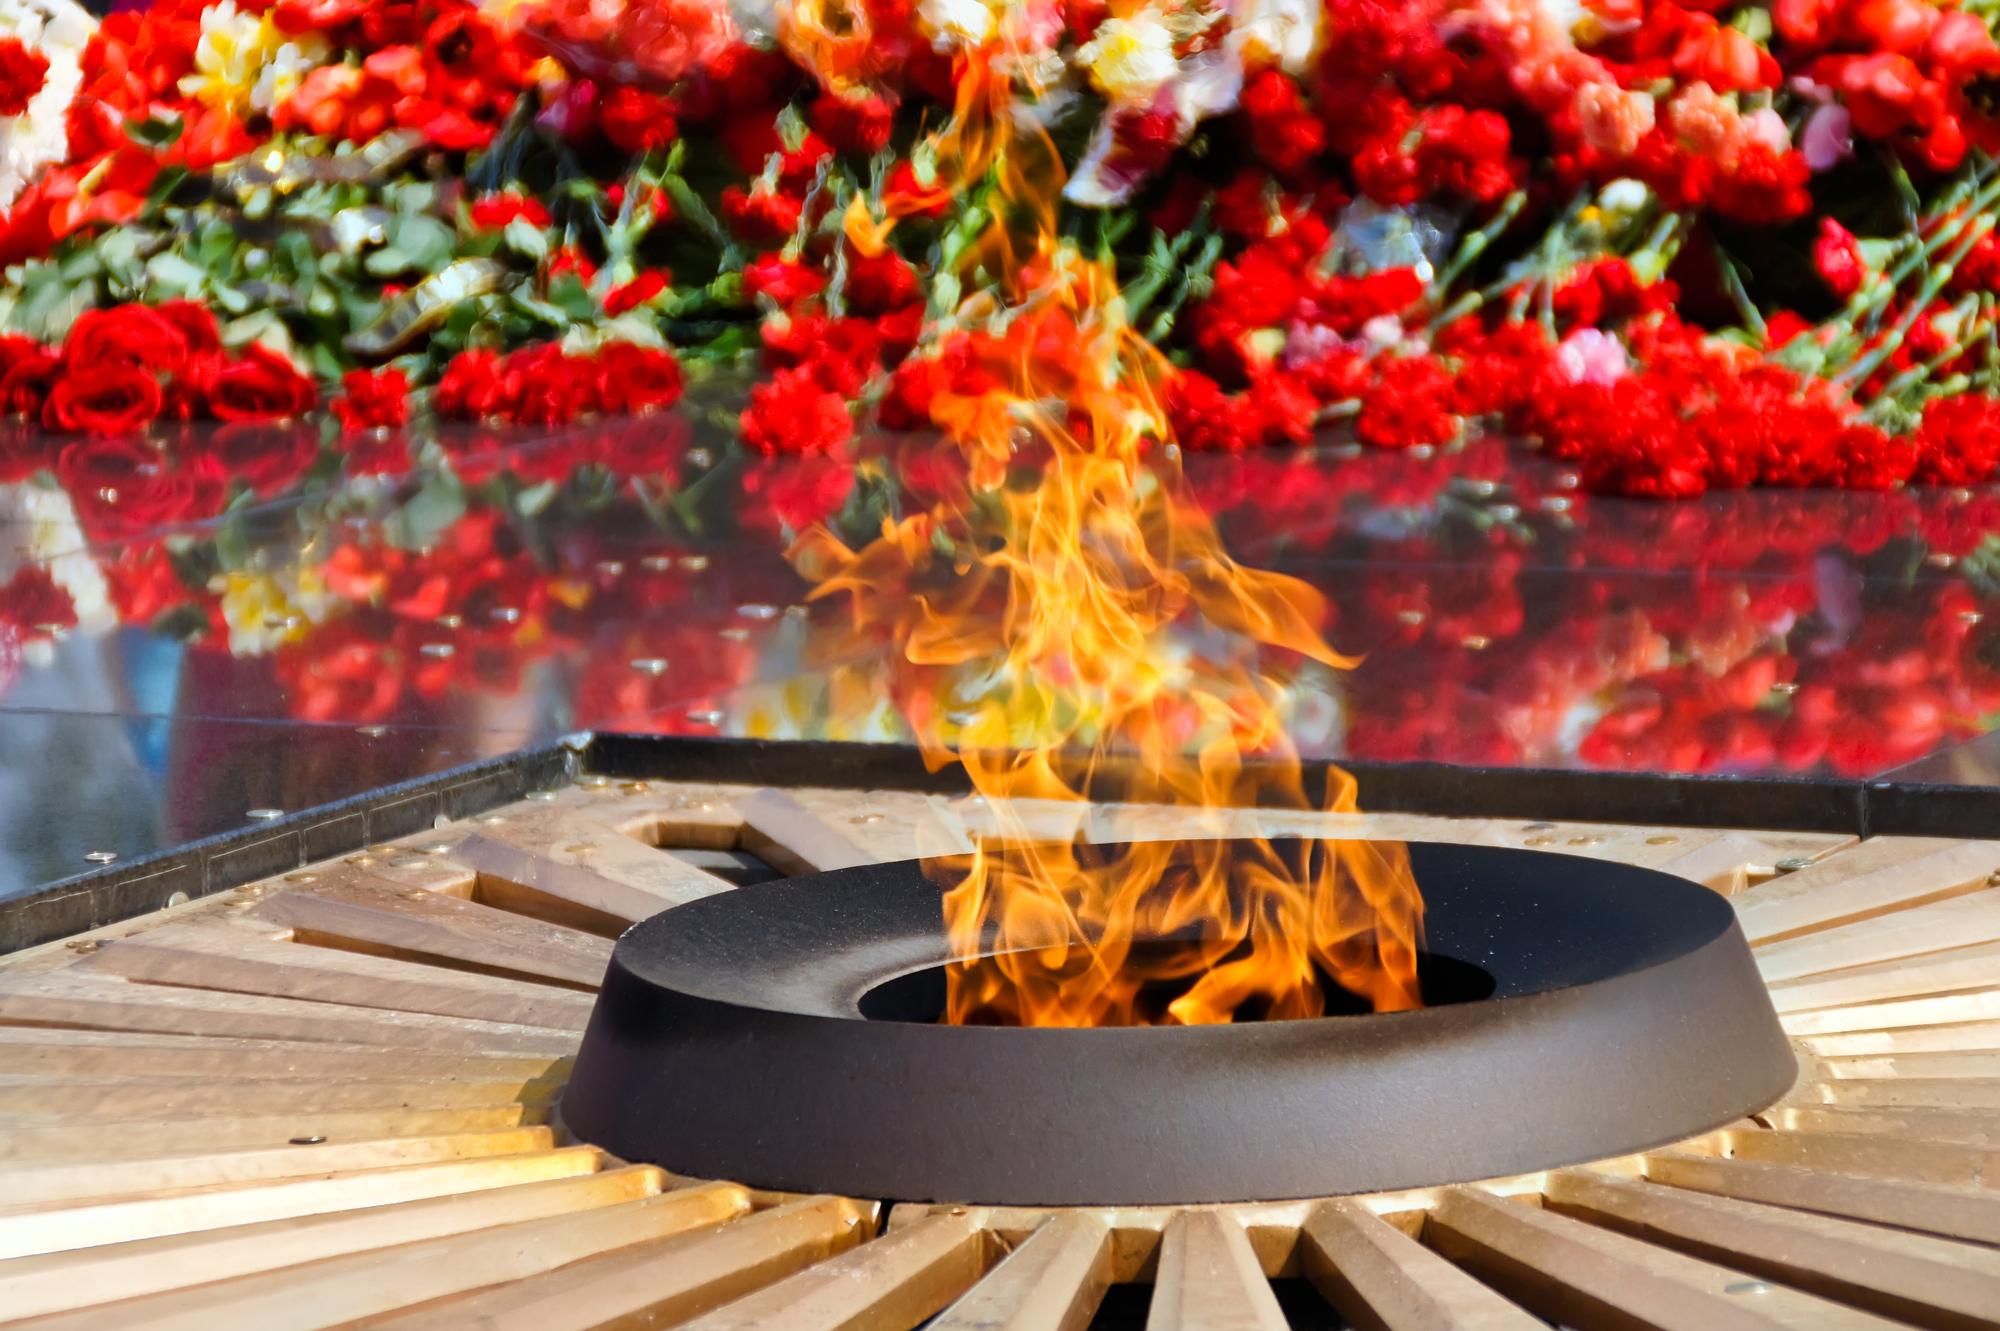 День памяти и примирения 2021: поздравления в стихах и прозе